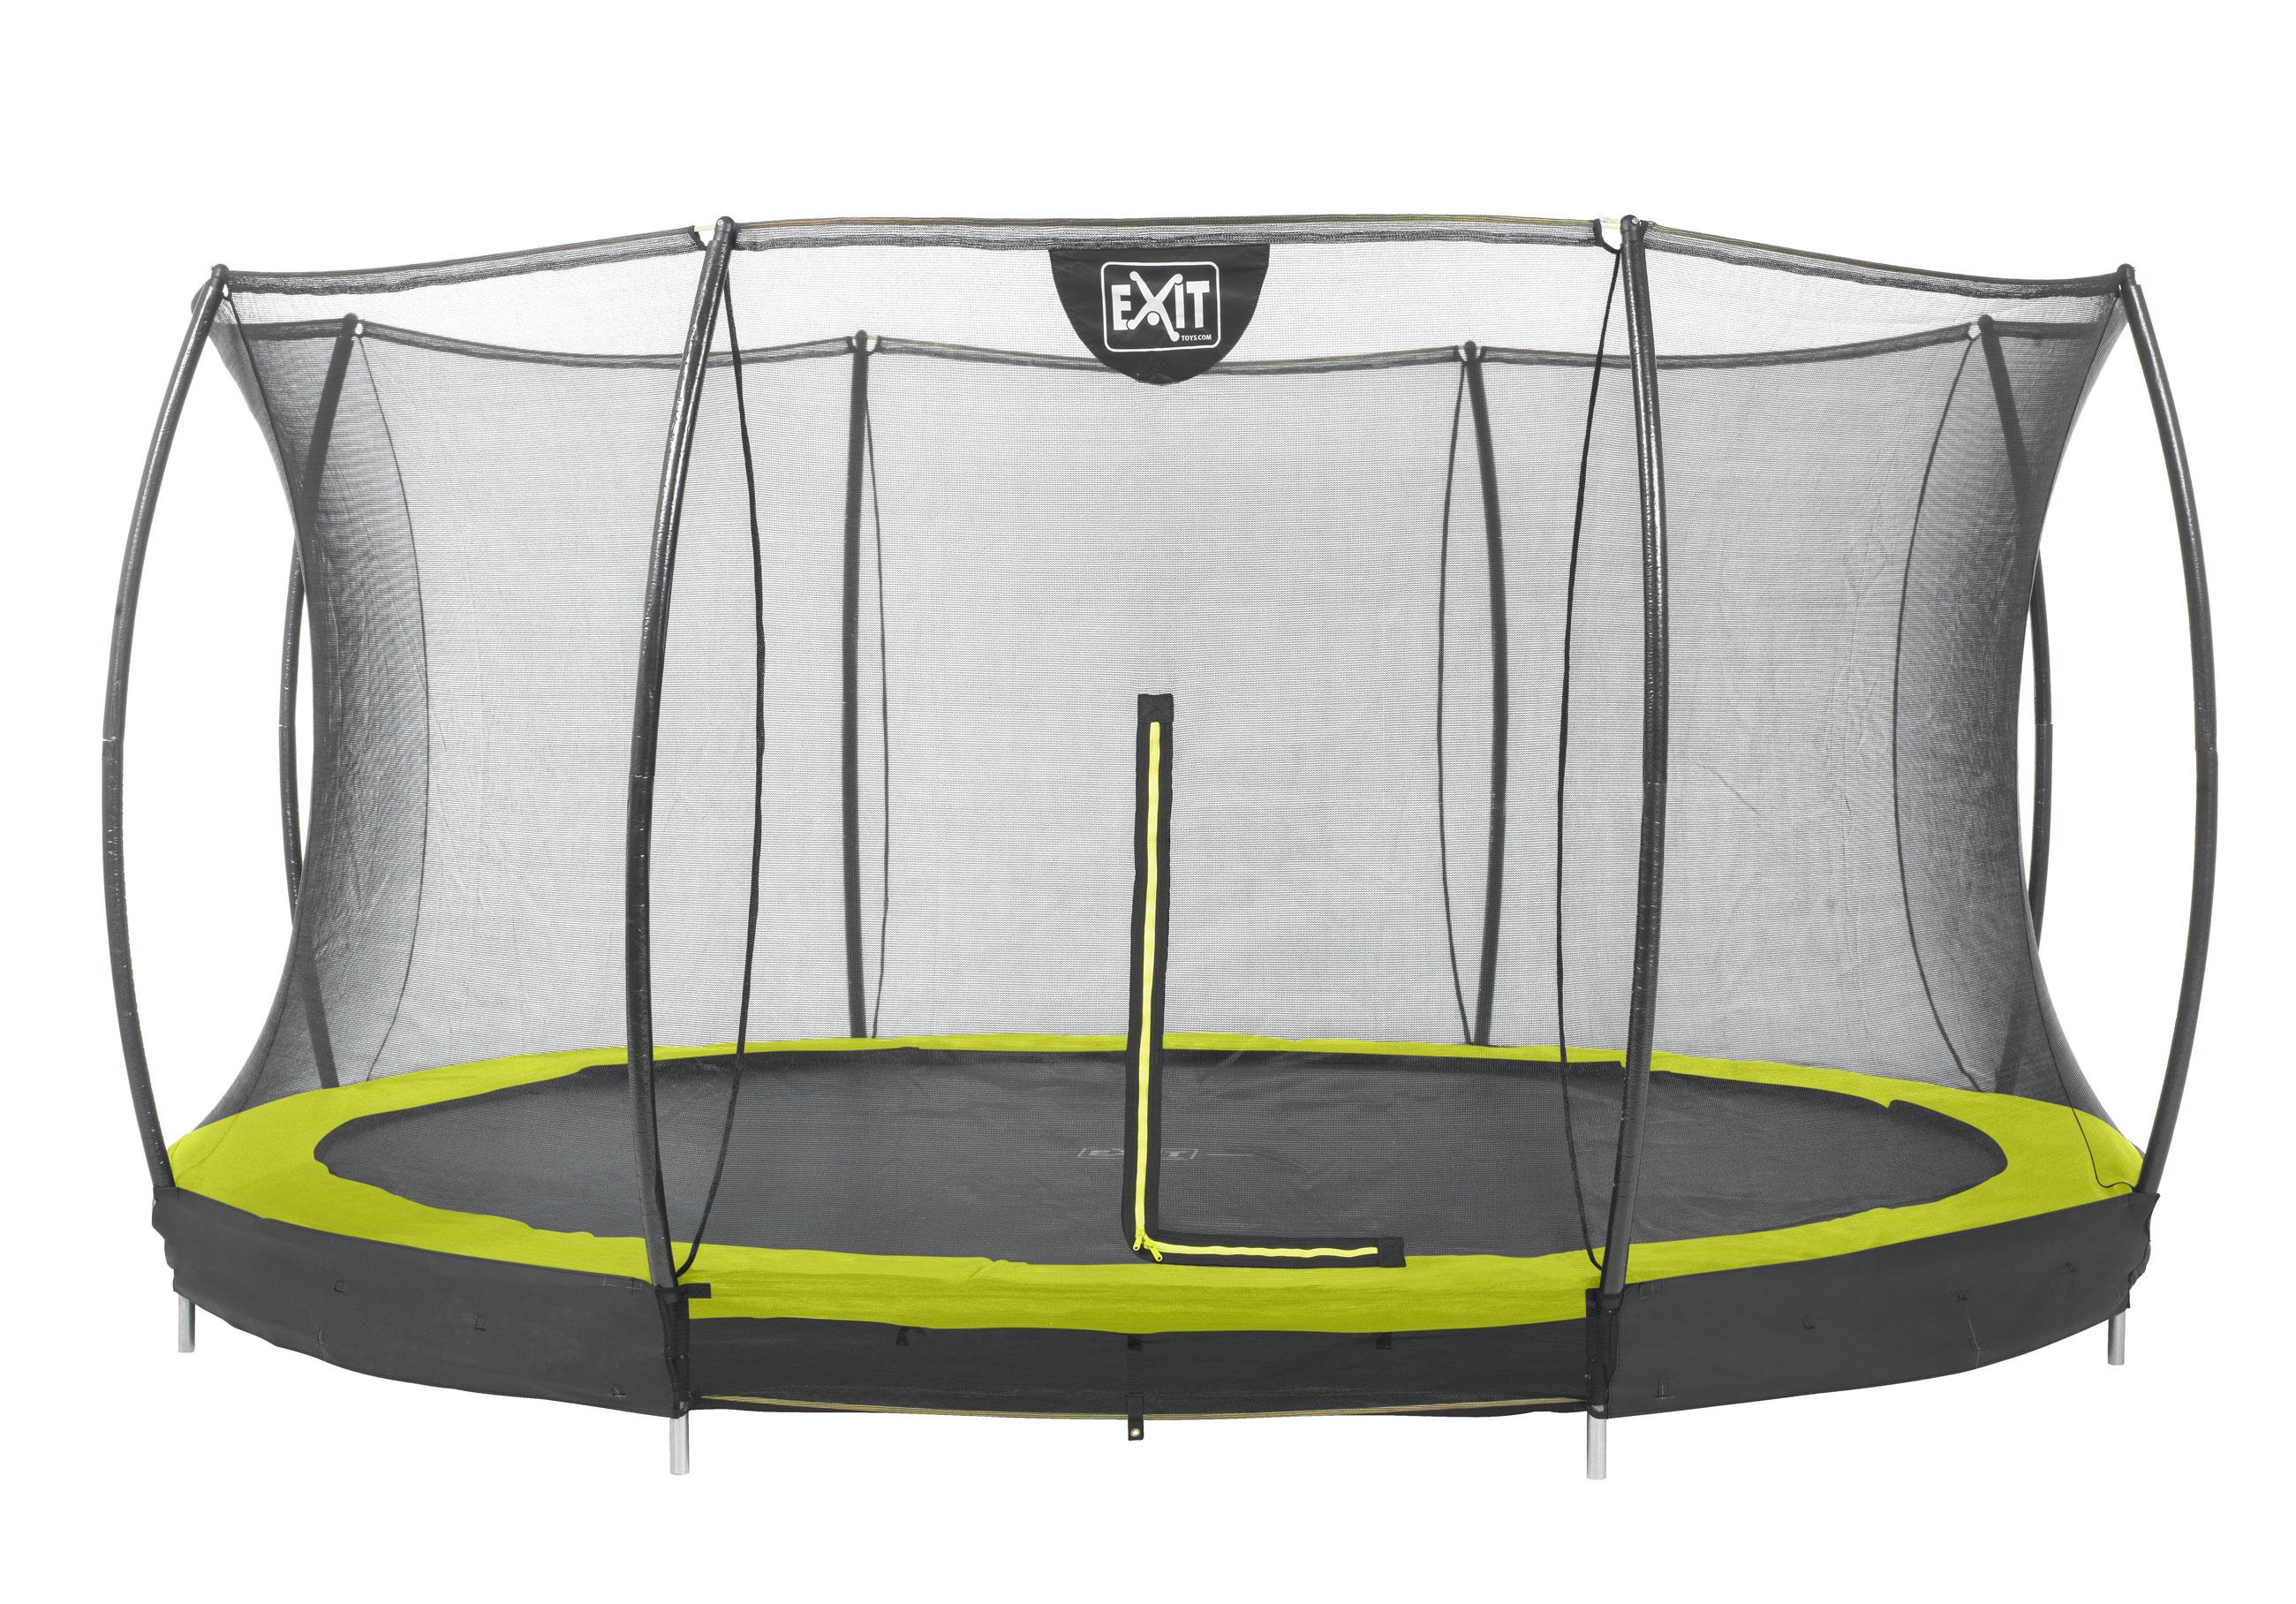 Trampolin EXIT Silhouette Ground mit Sicherheitsnetz Ø427cm Lime grün Bild 1